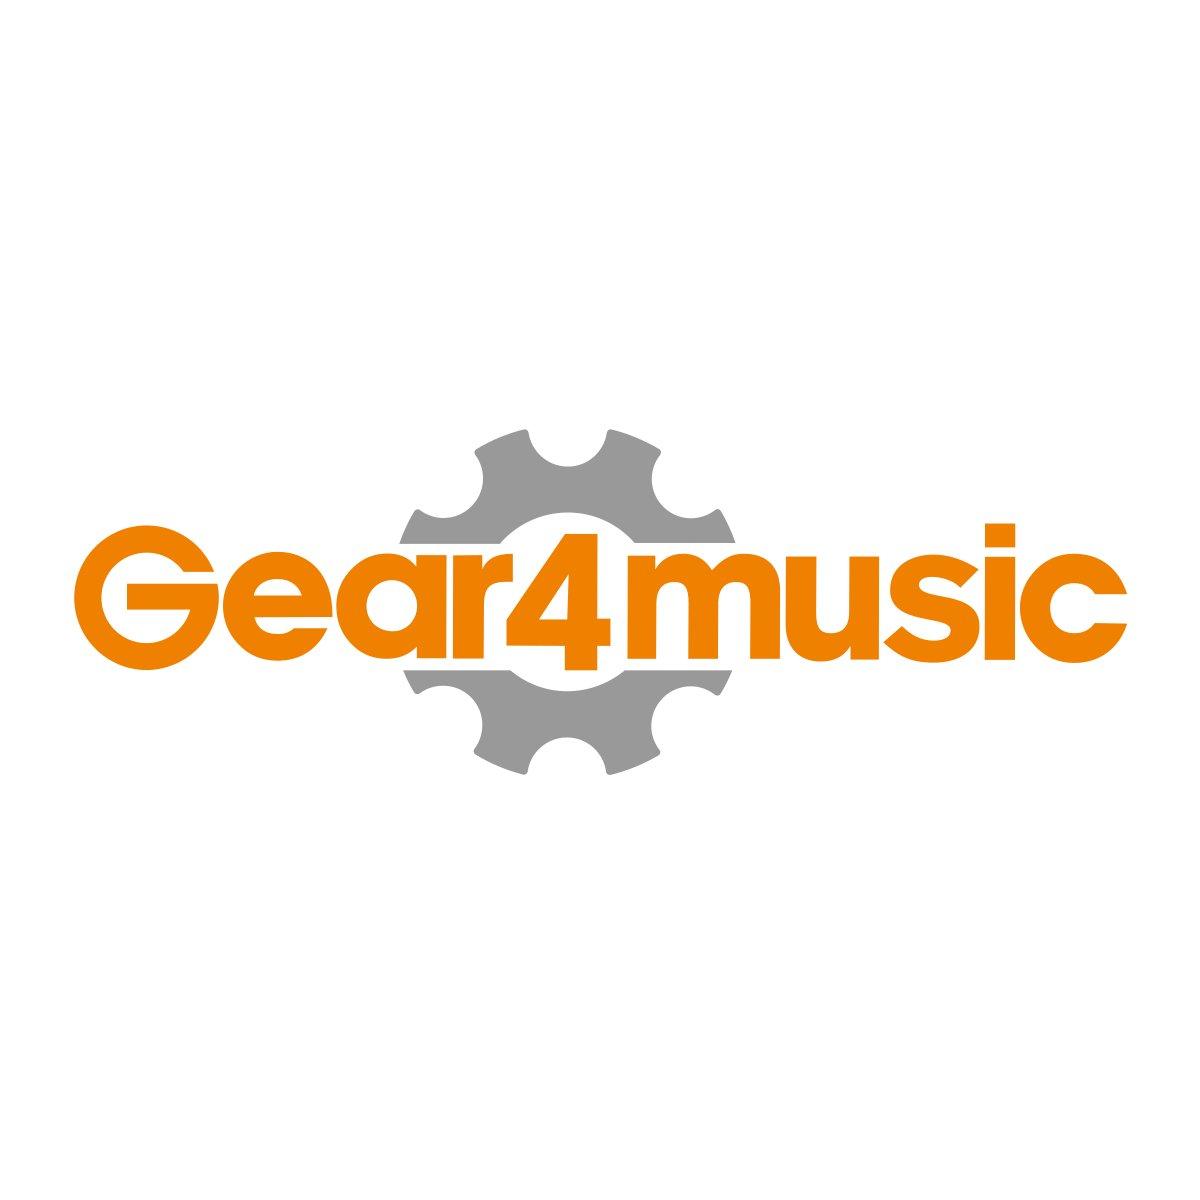 Ukulele de Gear4music, Union Jack